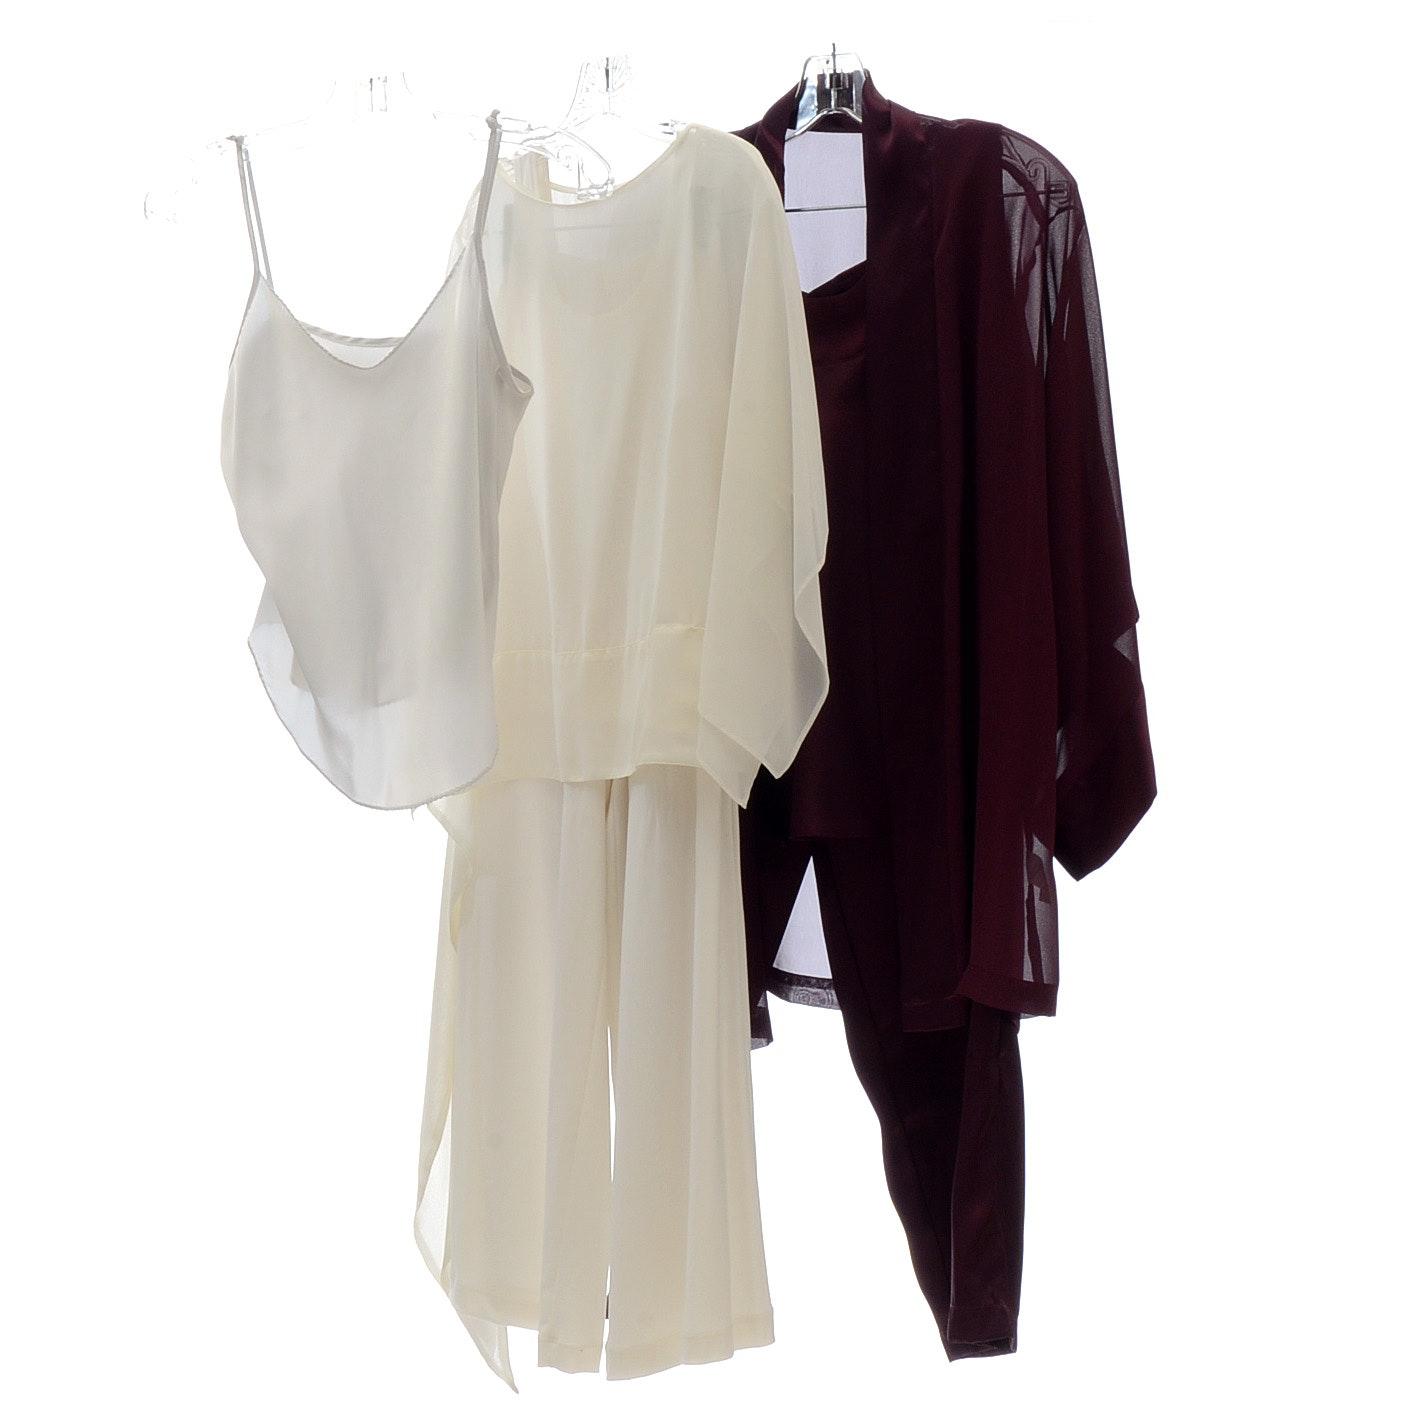 Assortment of Women's Loungewear